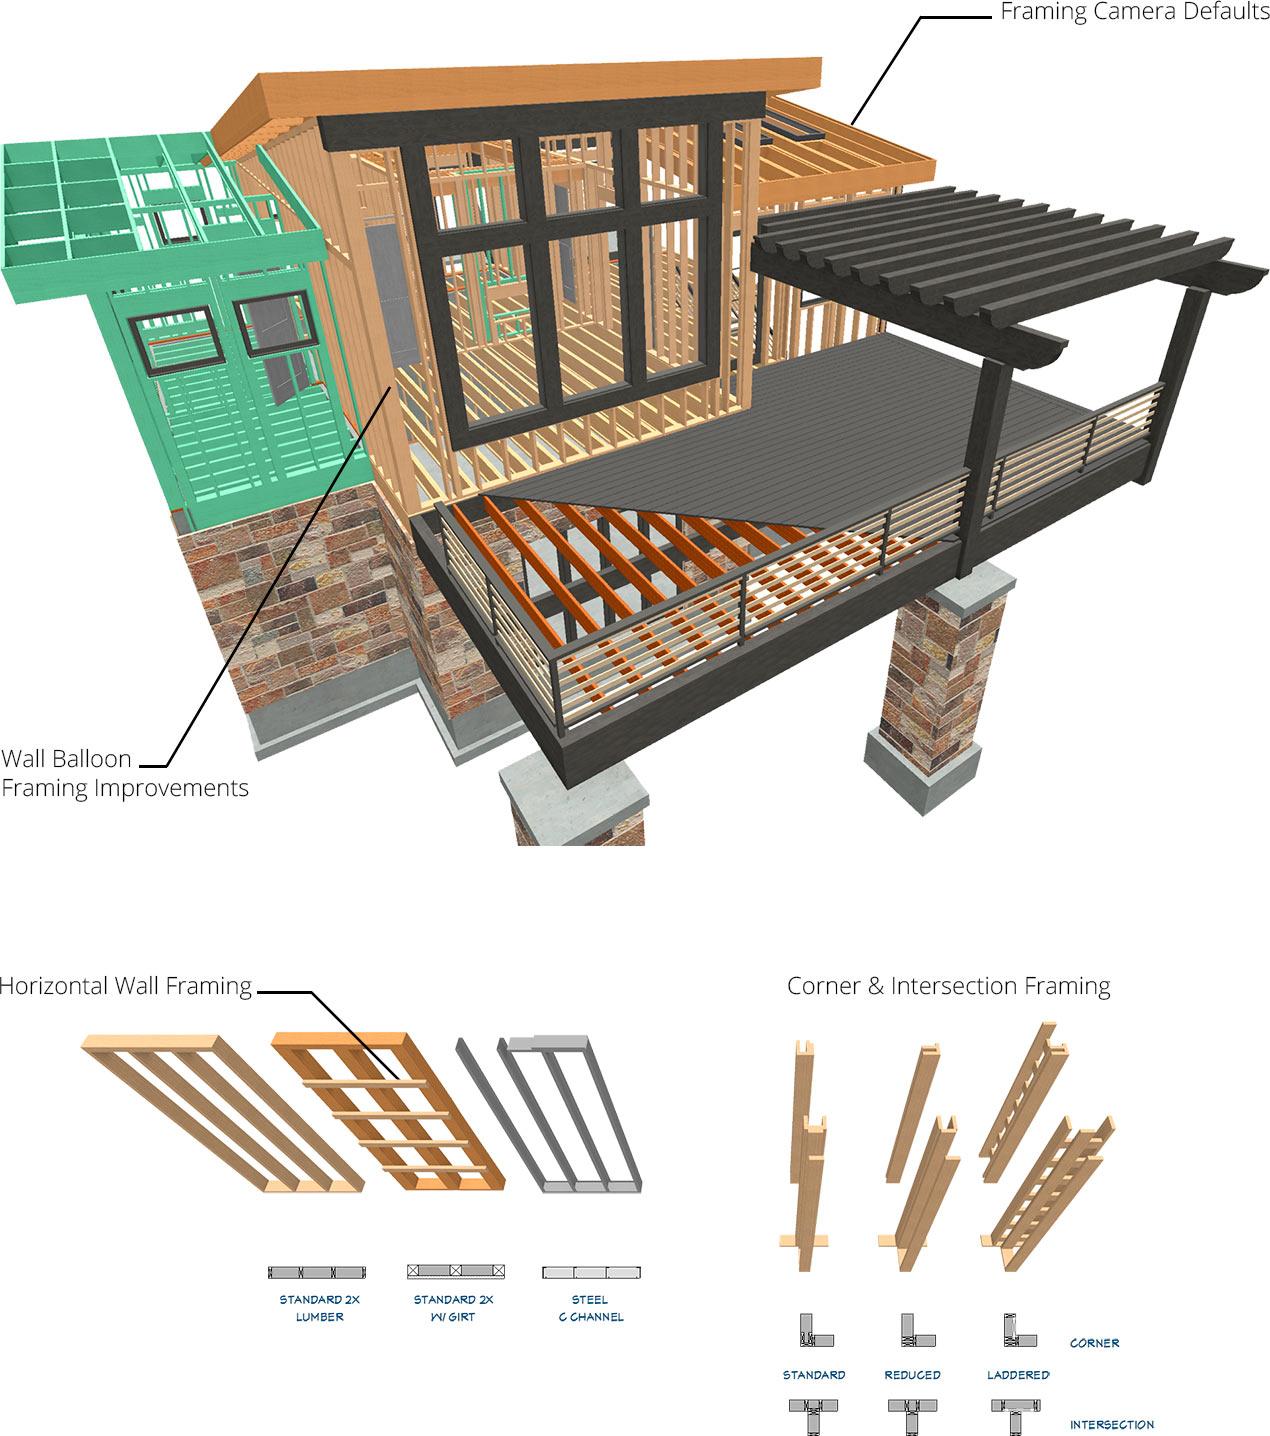 家庭设计师房子框架新功能